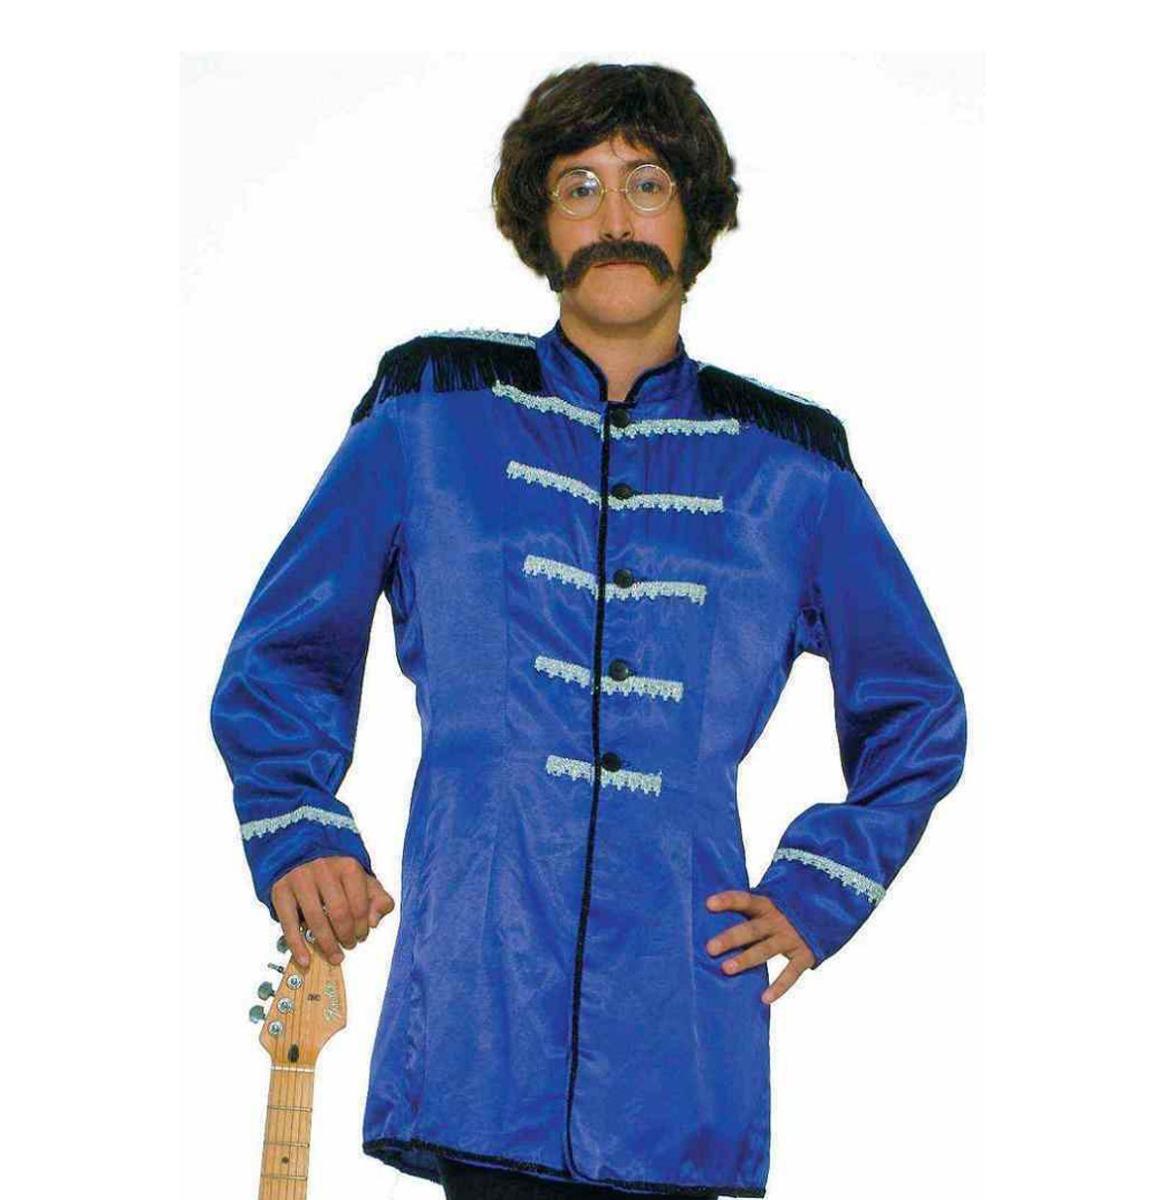 Beatles Jas Sgt Pepper Blauw